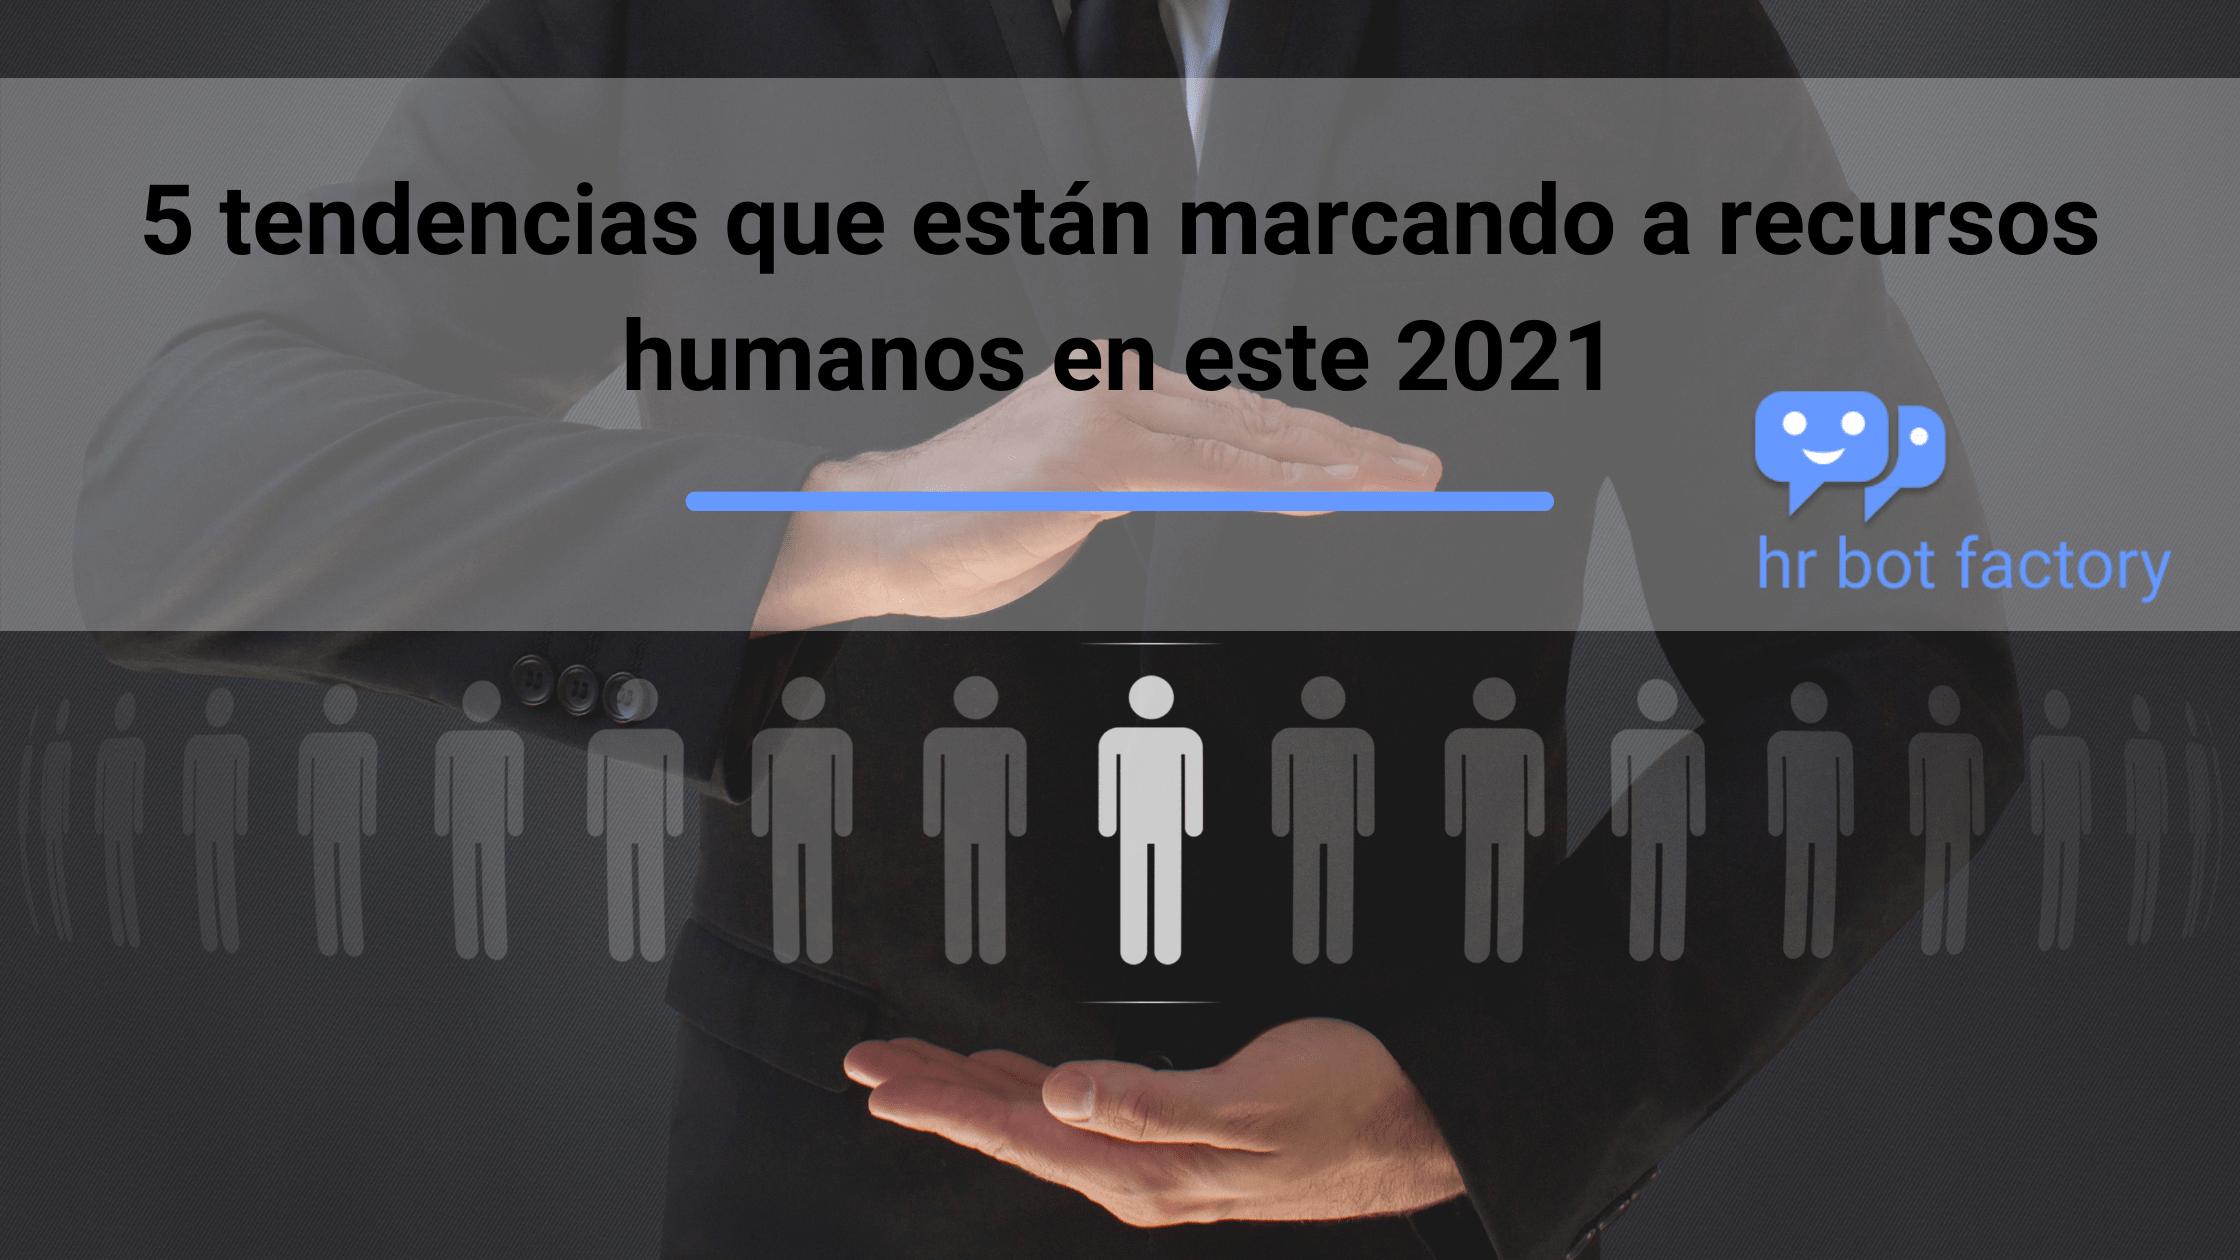 5 tendencias que están marcando a recursos humanos en este 2021